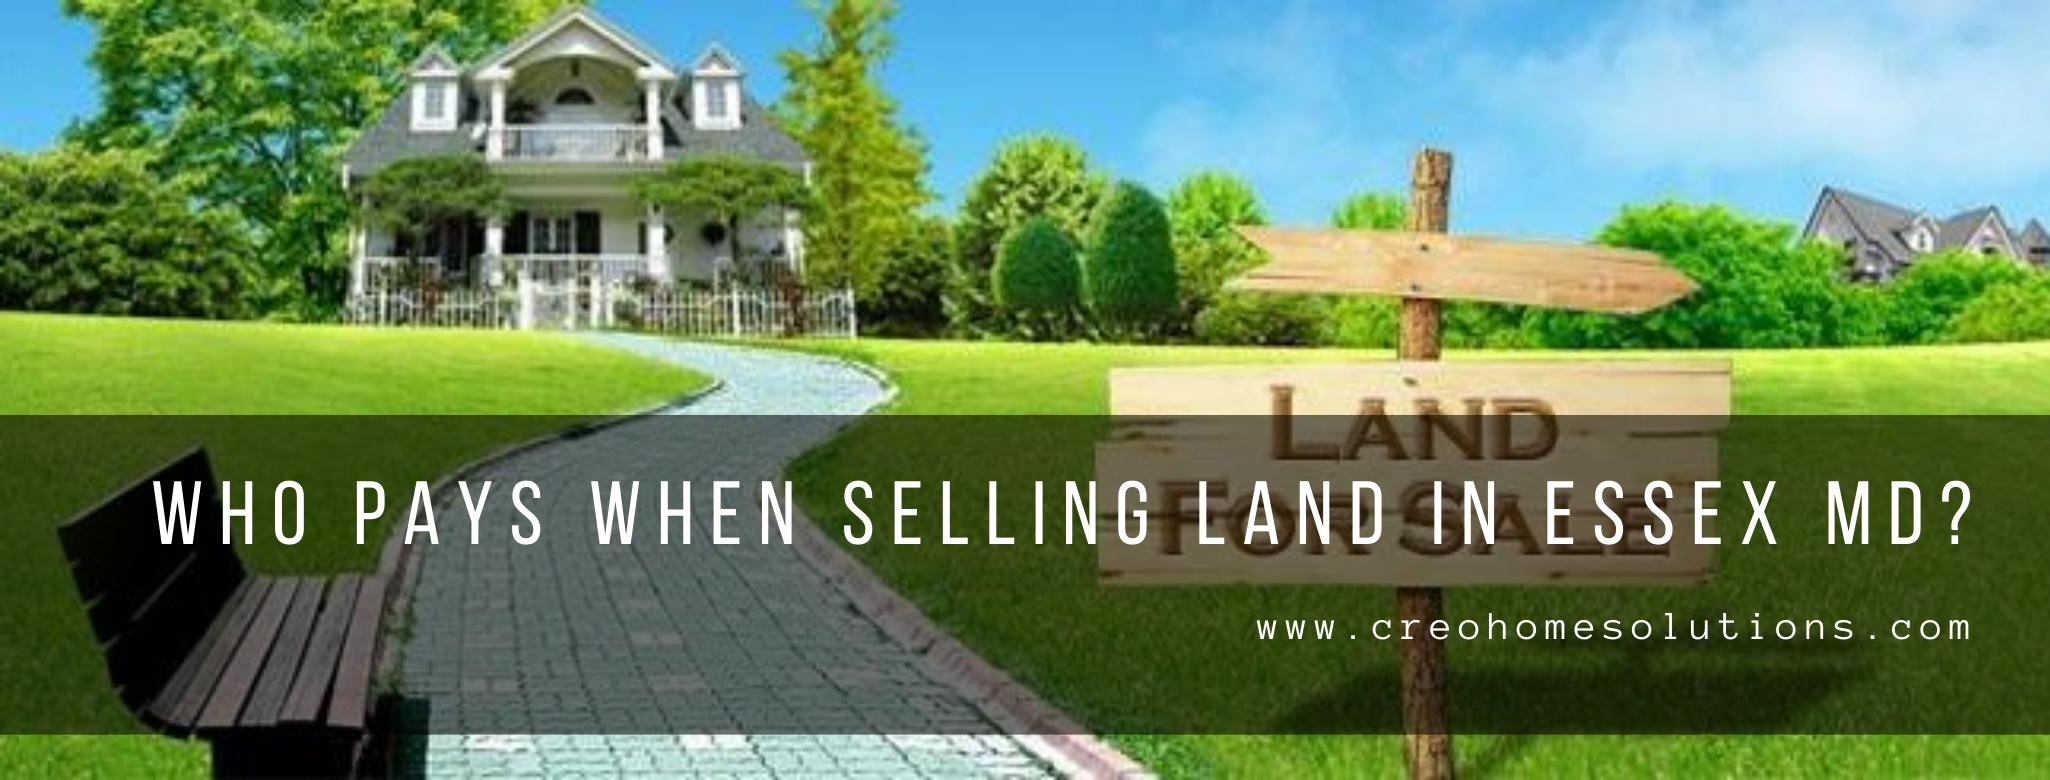 We buy properties in Essex MD